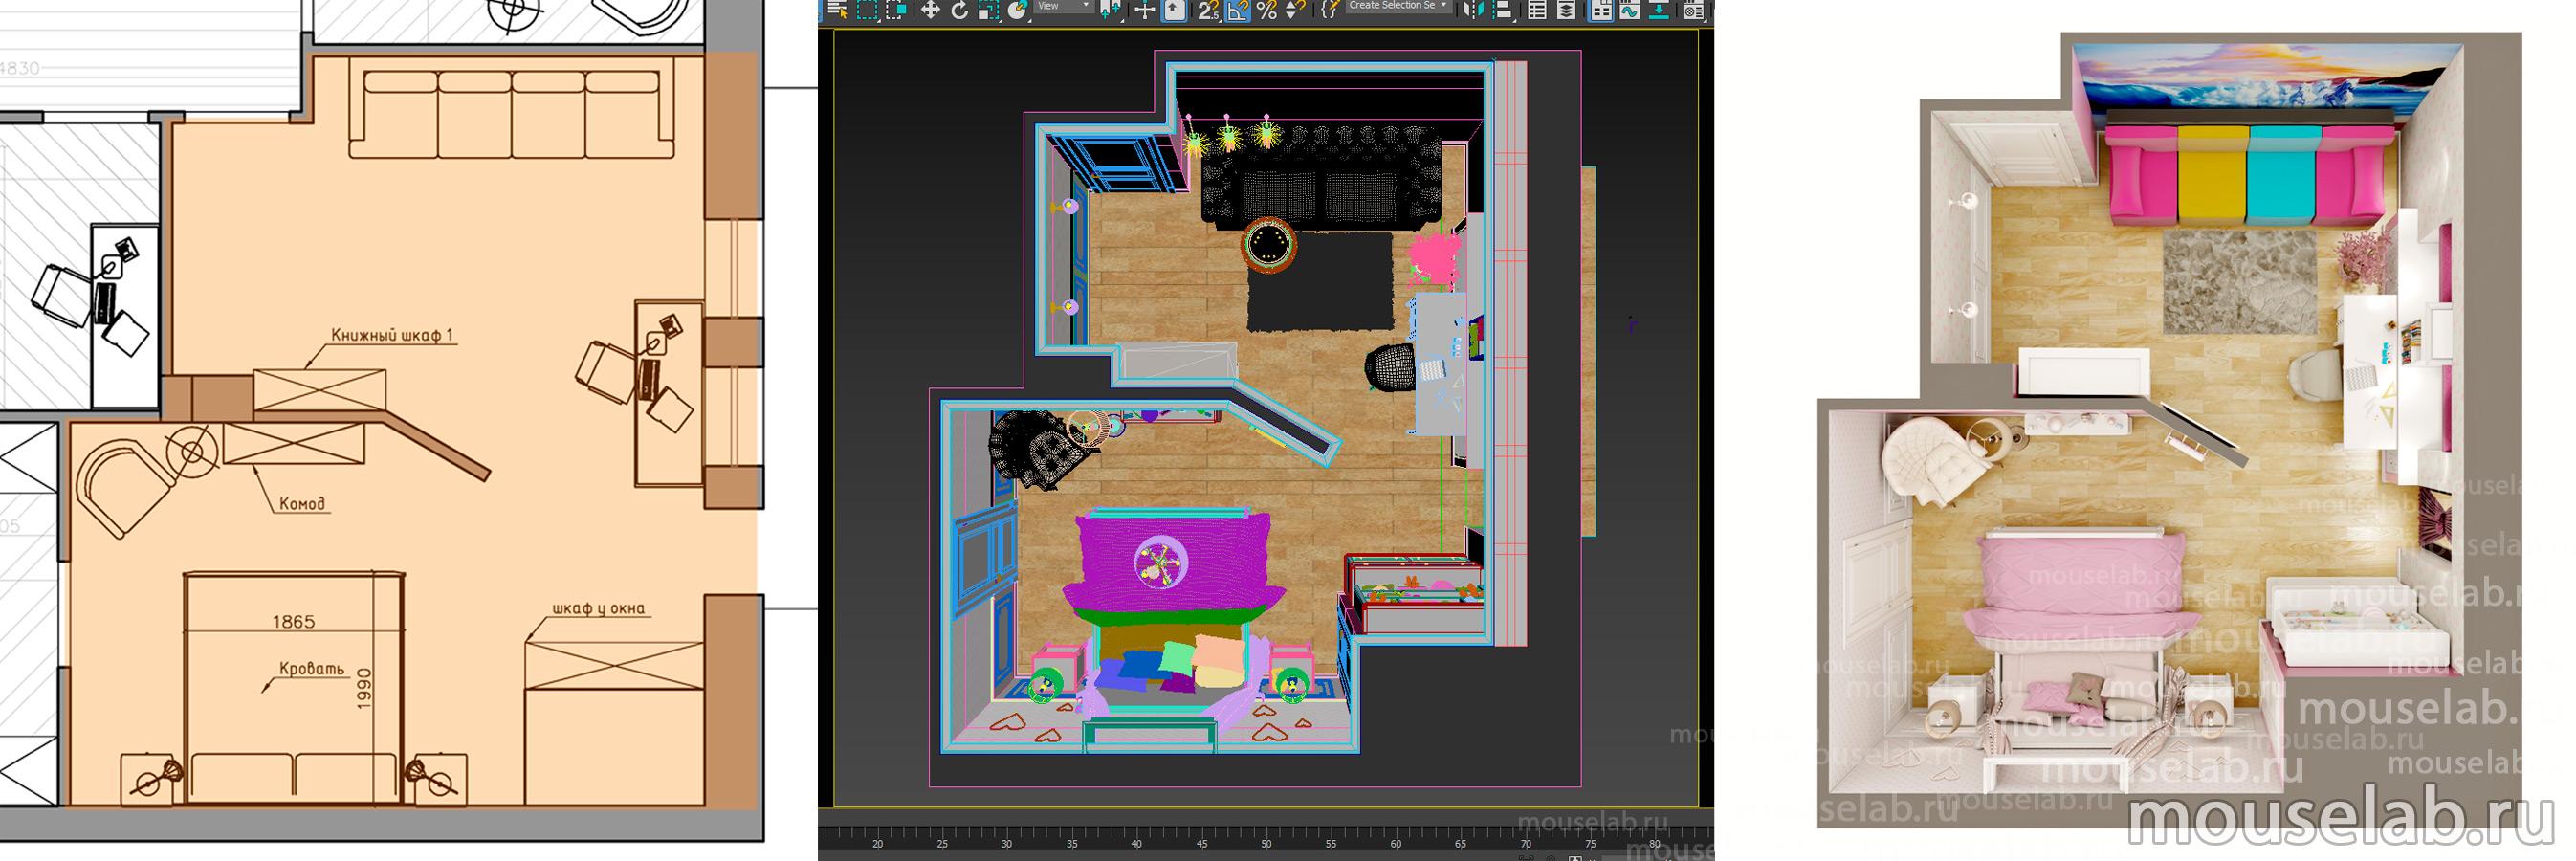 1. Создание 3D модели на основе чертежей